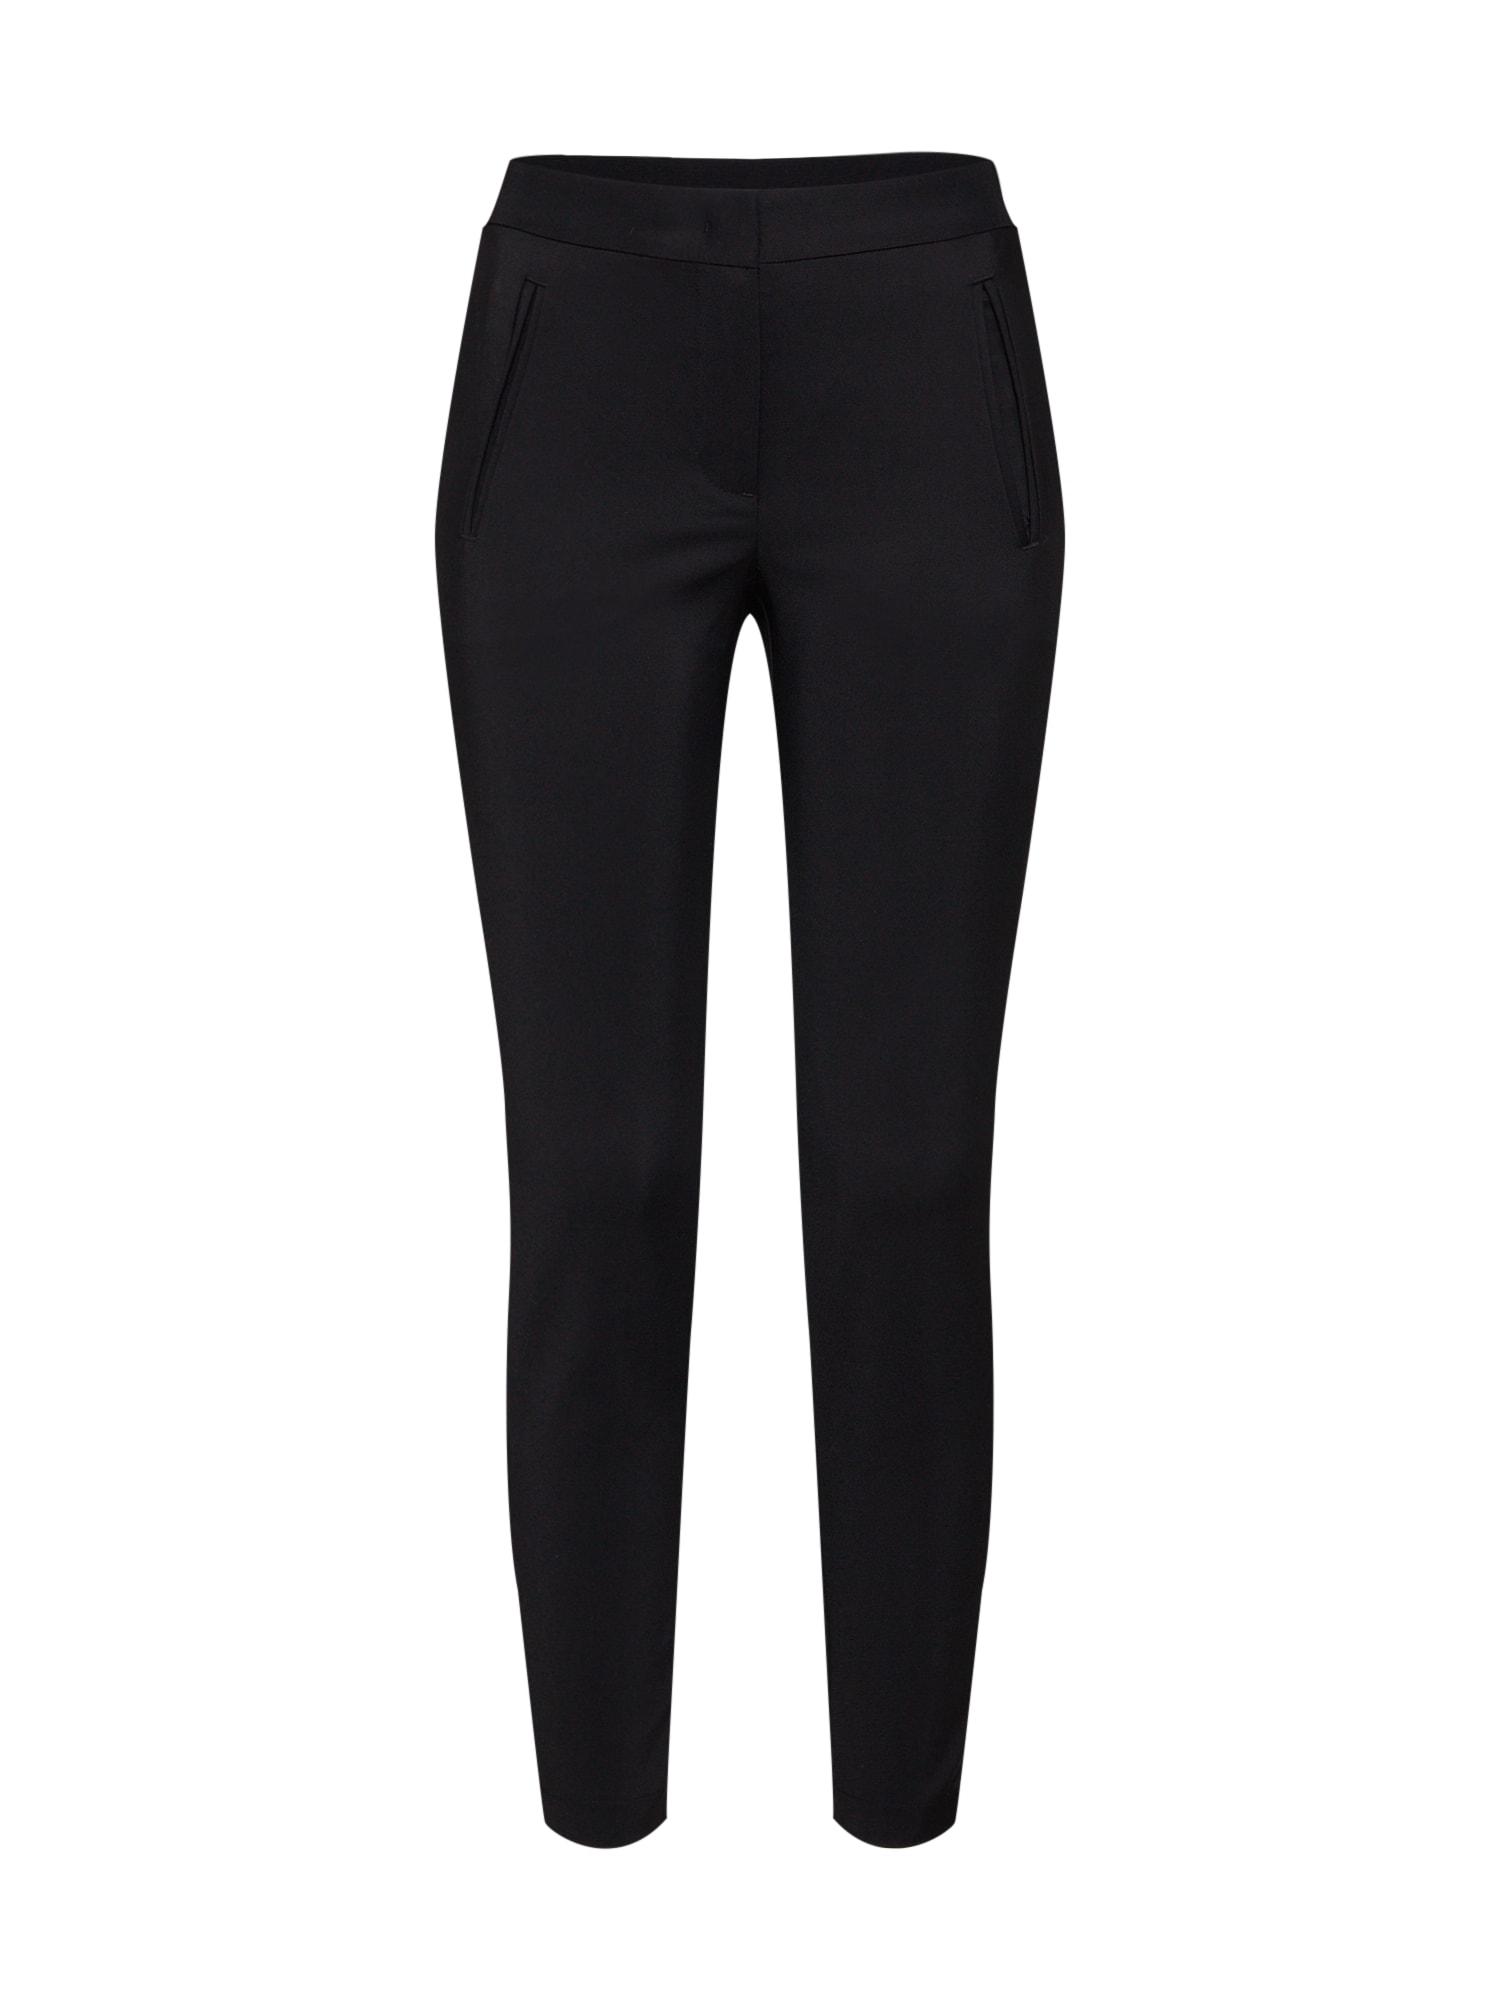 Kalhoty Sporty Pant černá RUE De FEMME